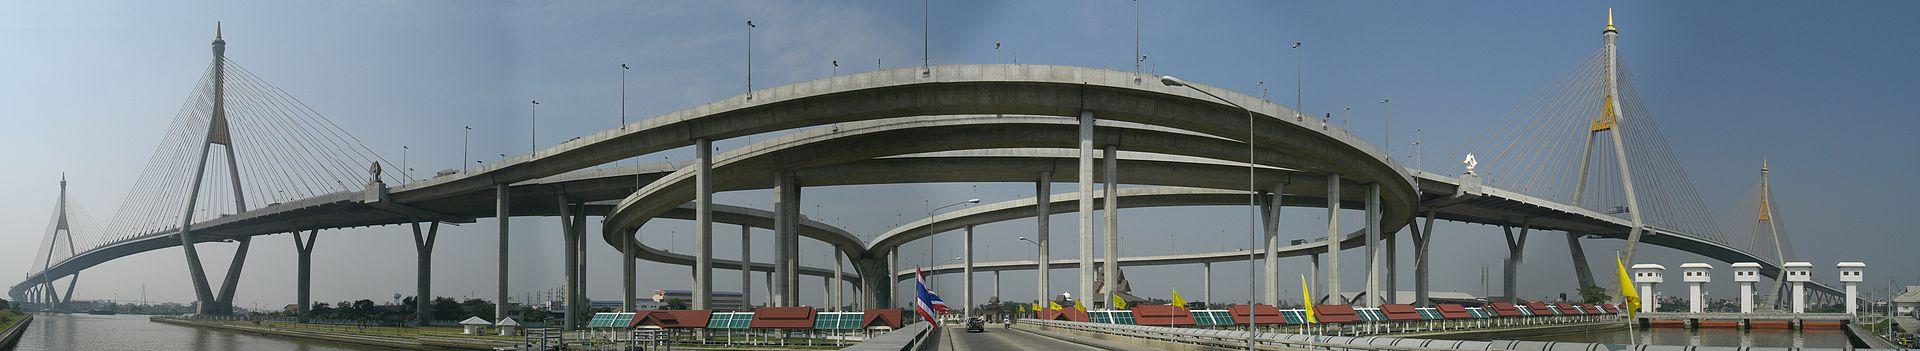 Bhumibol_Bridge_1+2panorama